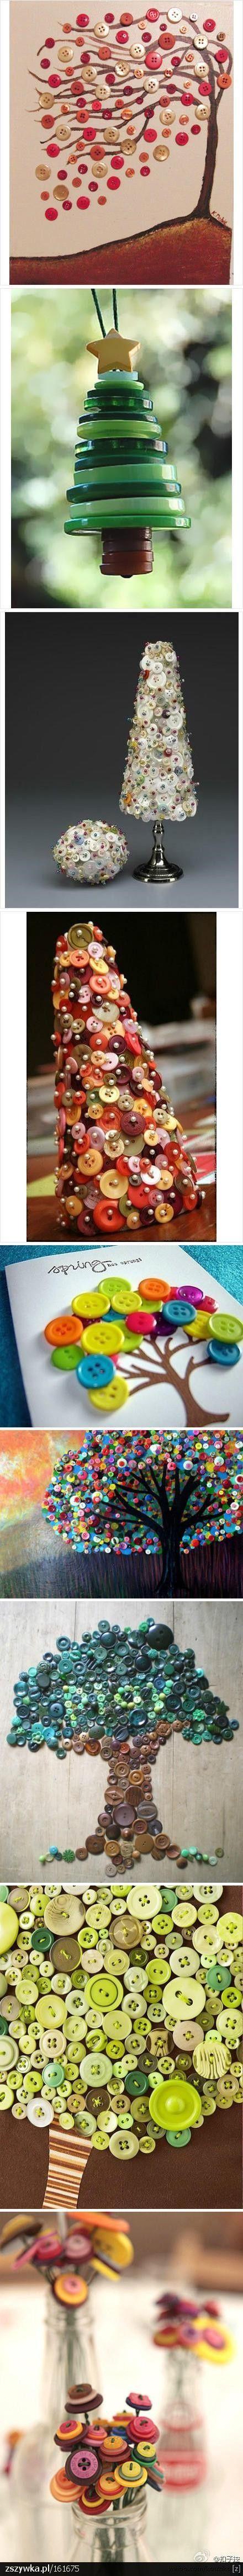 Amezing Button Art